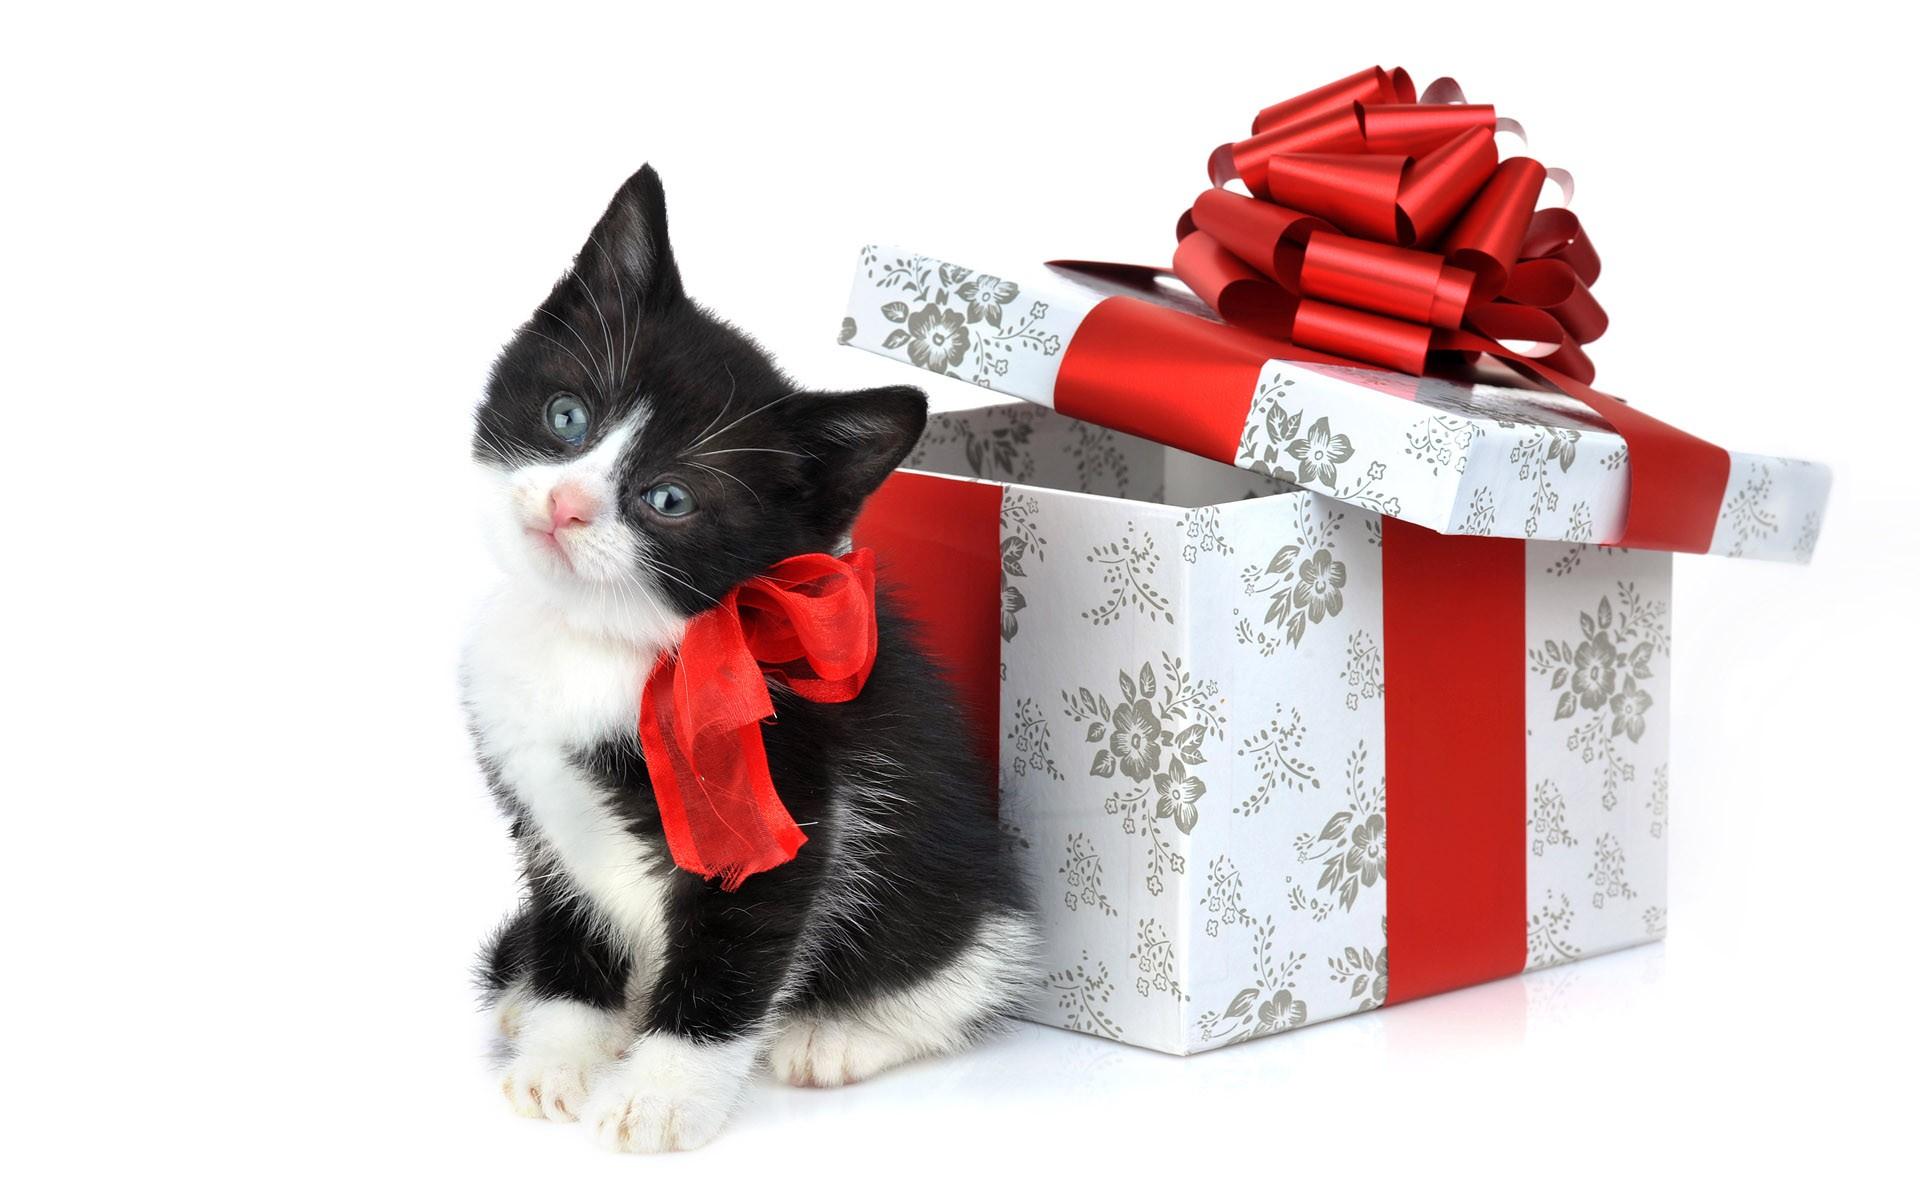 Un gatito como regalo de navidad - 1920x1200